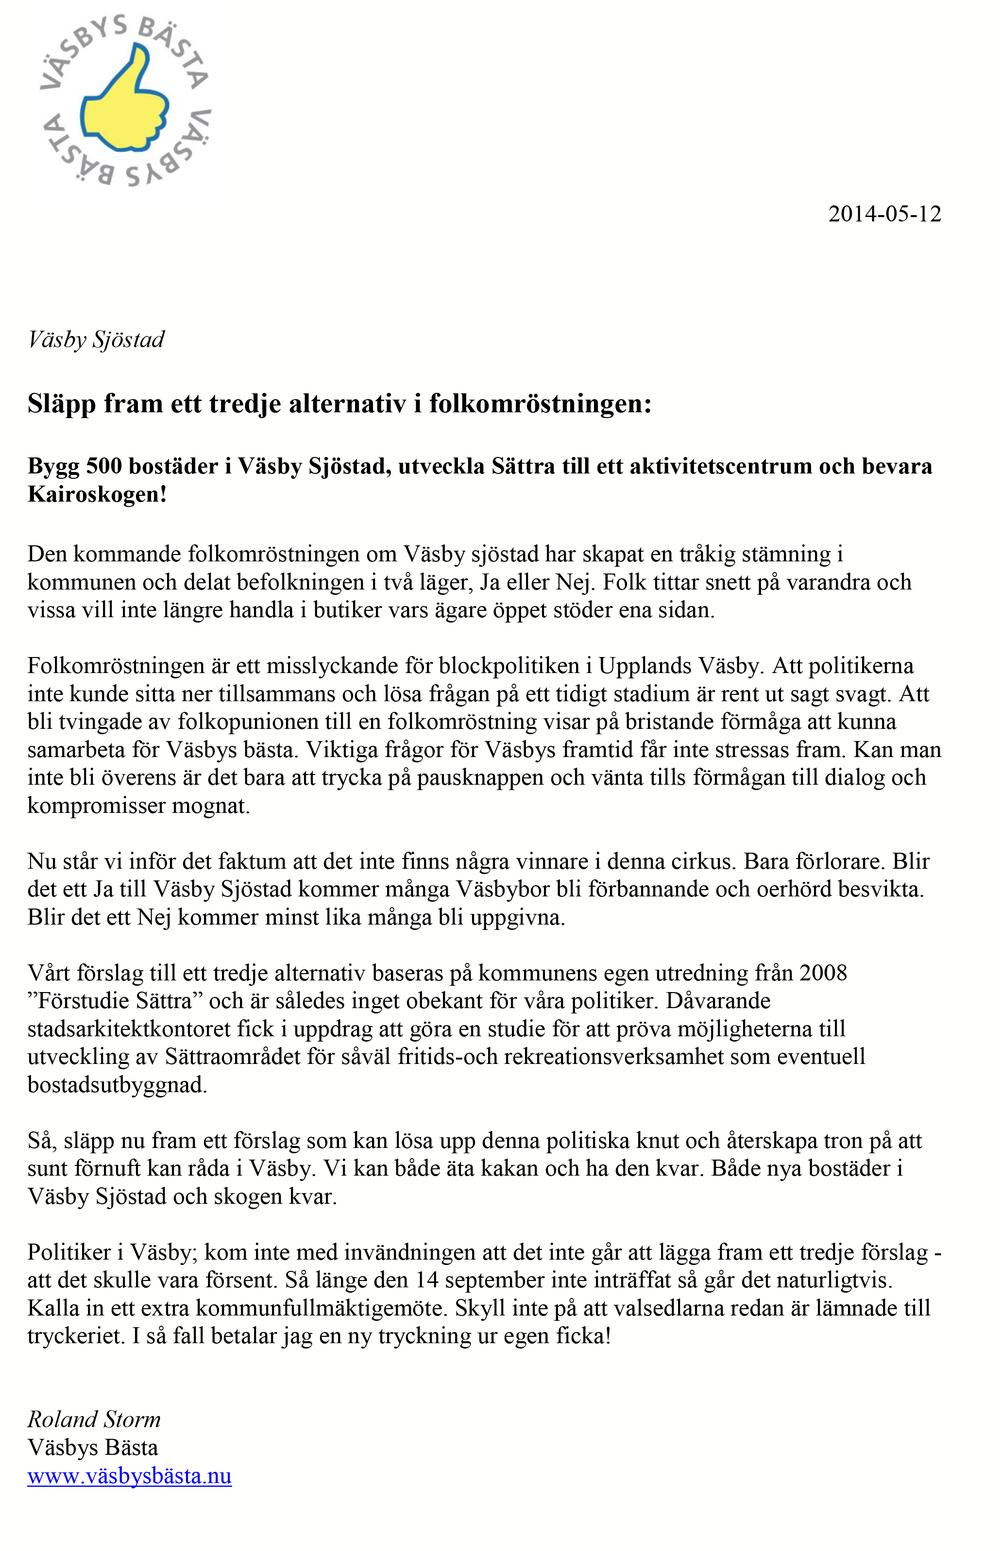 2014-05-12 Släpp fram ett tredje alternativ i folkomrostningen-1 kopiera.png